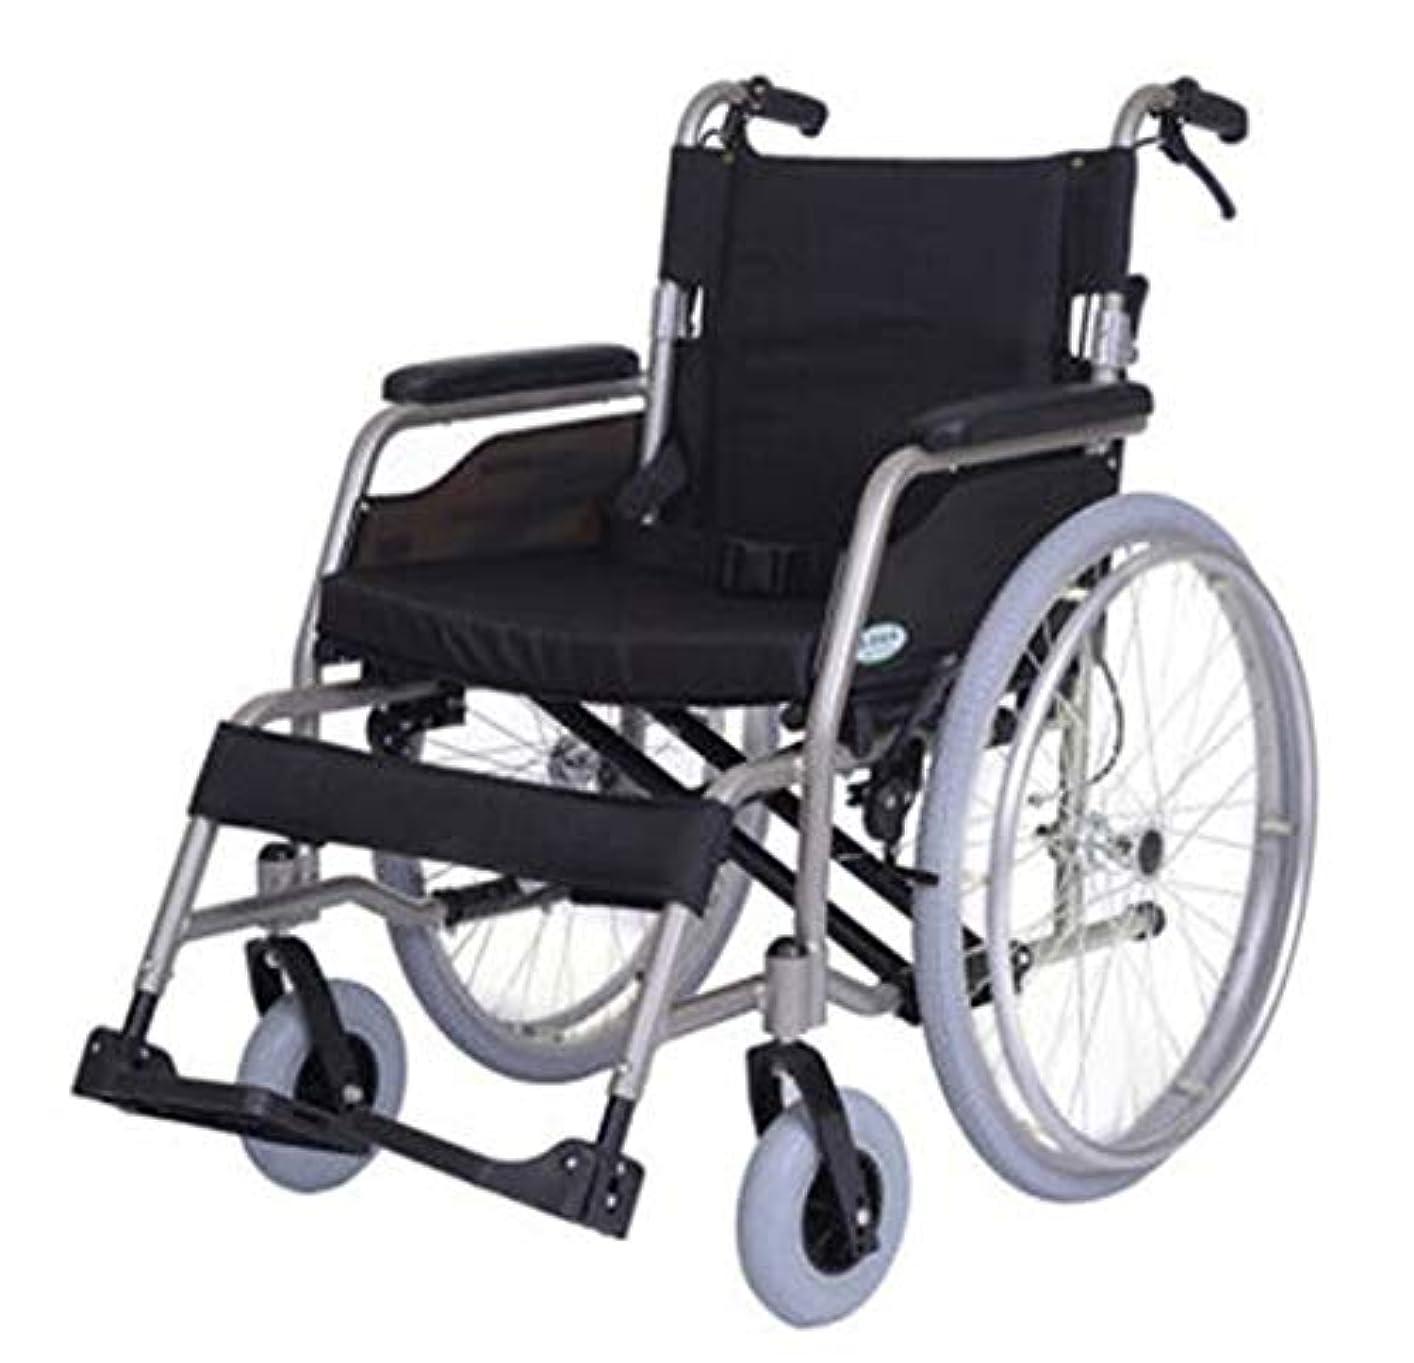 運命的な羽ポータル車椅子のシート幅を50センチに広げ、折りたたみ式車椅子、高齢者が旅行するのに適している